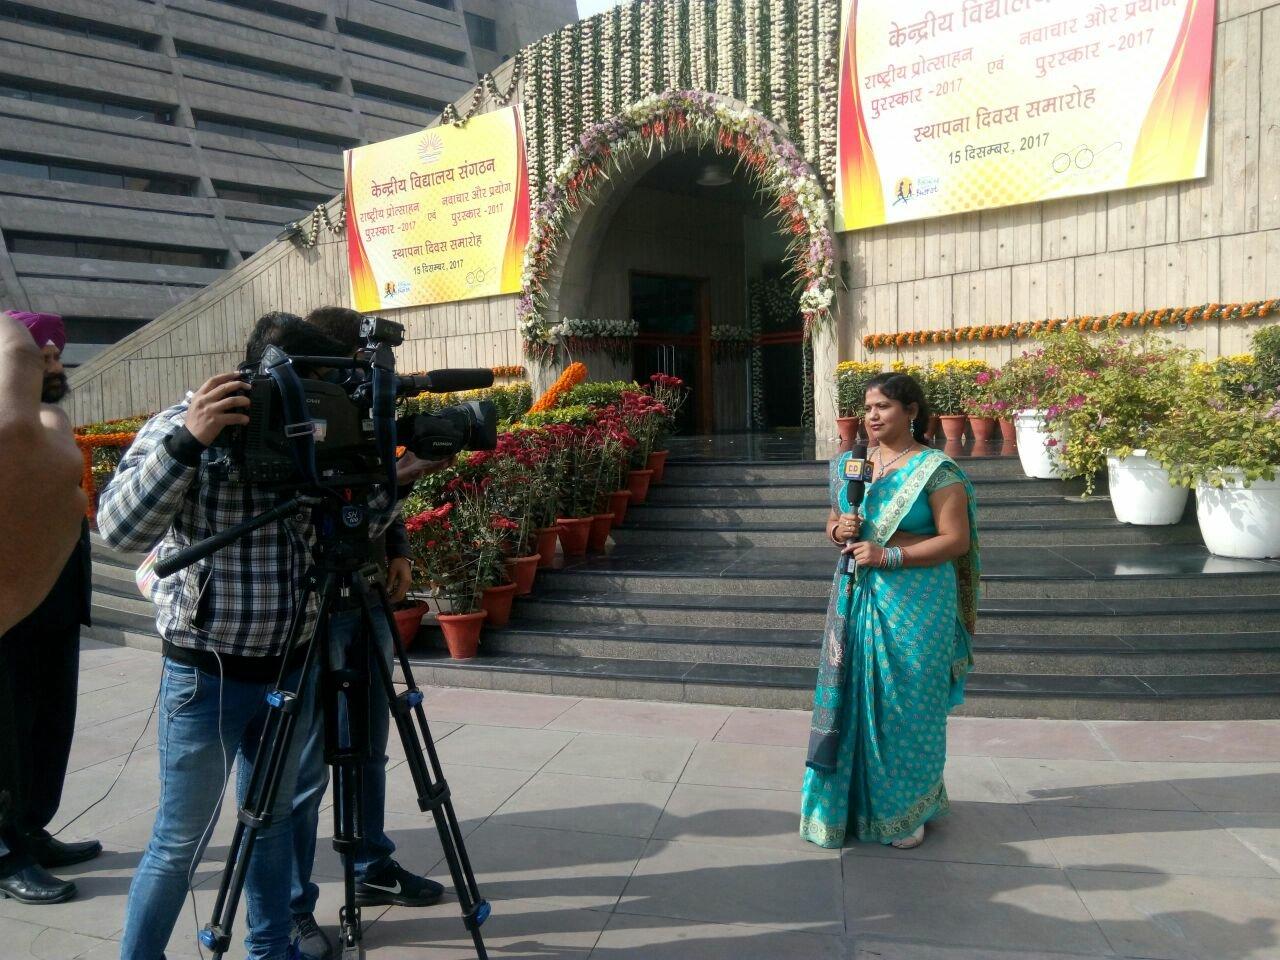 नई दिल्ली दूरदर्शन का लाइब्रेरियन से एक साक्षात्कार….